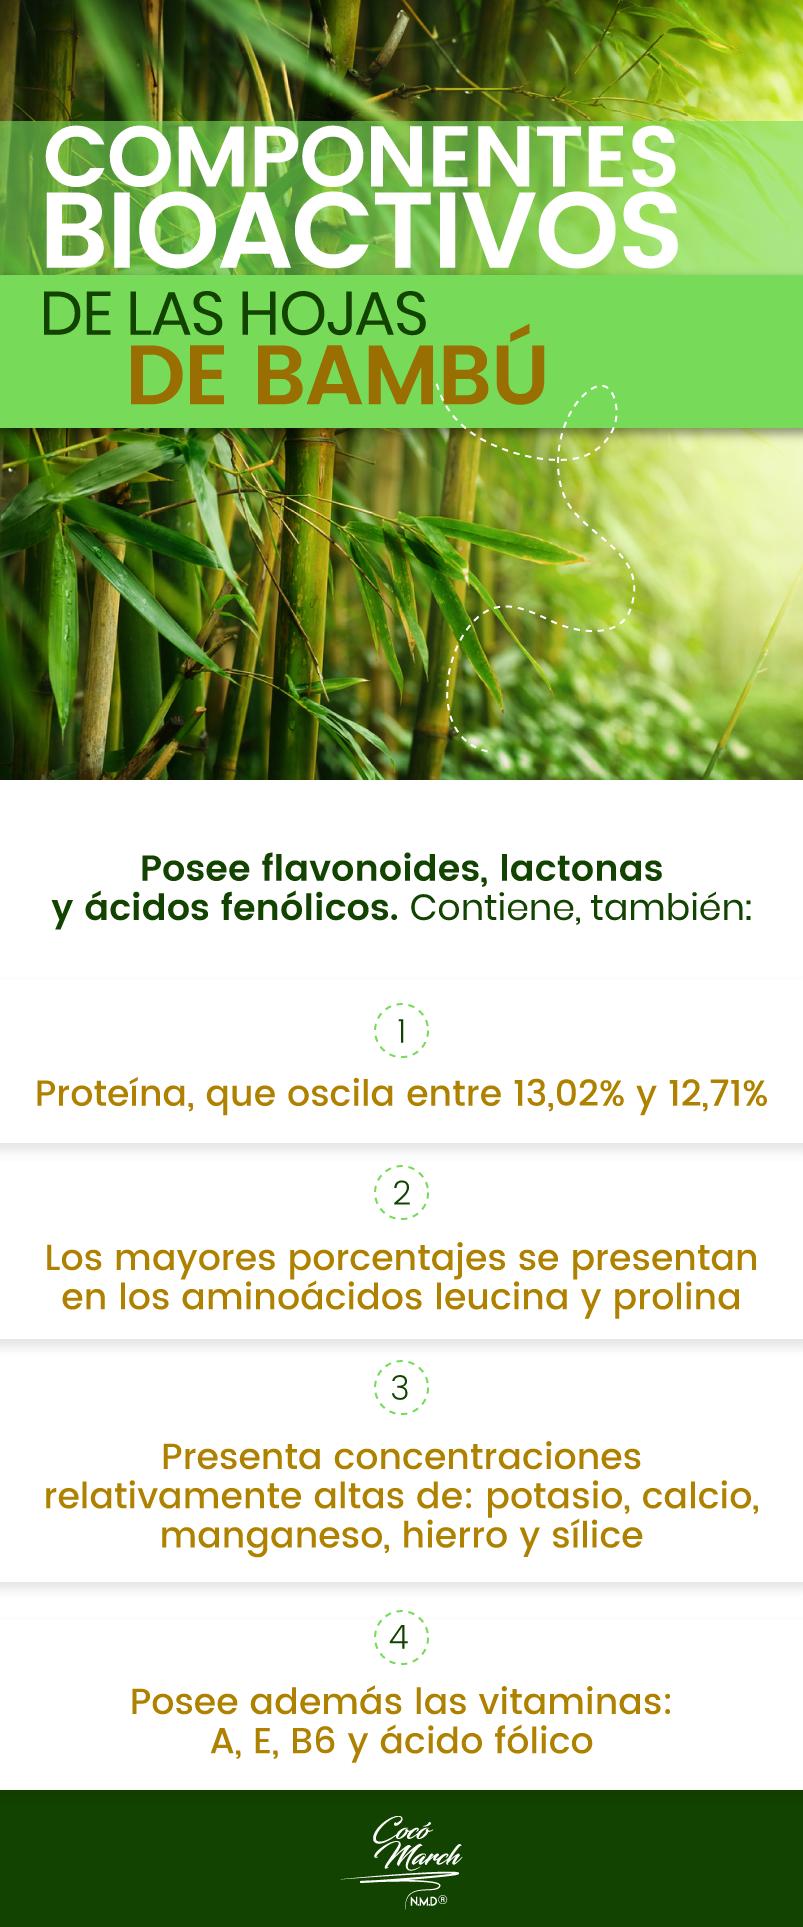 infusion-de-hoja-de-bambu-componentes-bioactivos